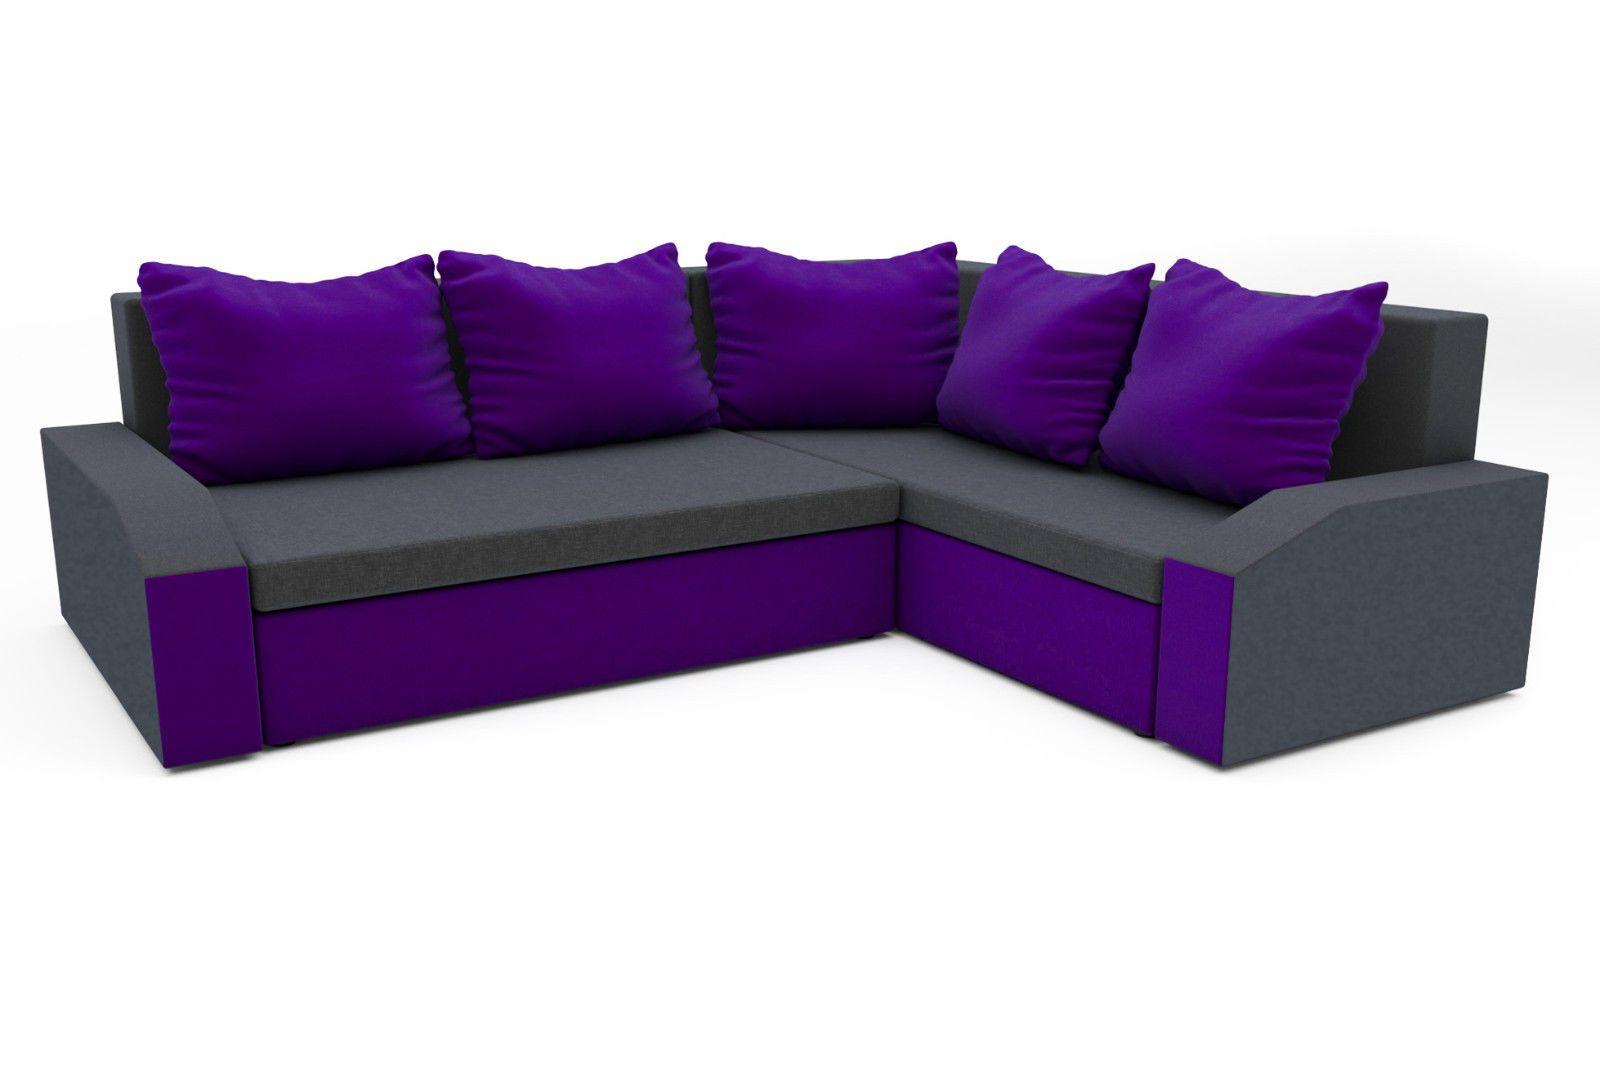 Künstlerisch Ecksofa Mit Schlaffunktion Und Bettkasten Foto Von #sofa #couch #ecksofa #eckcouch #schlaffunktion #bettkasten #sofagarnitur